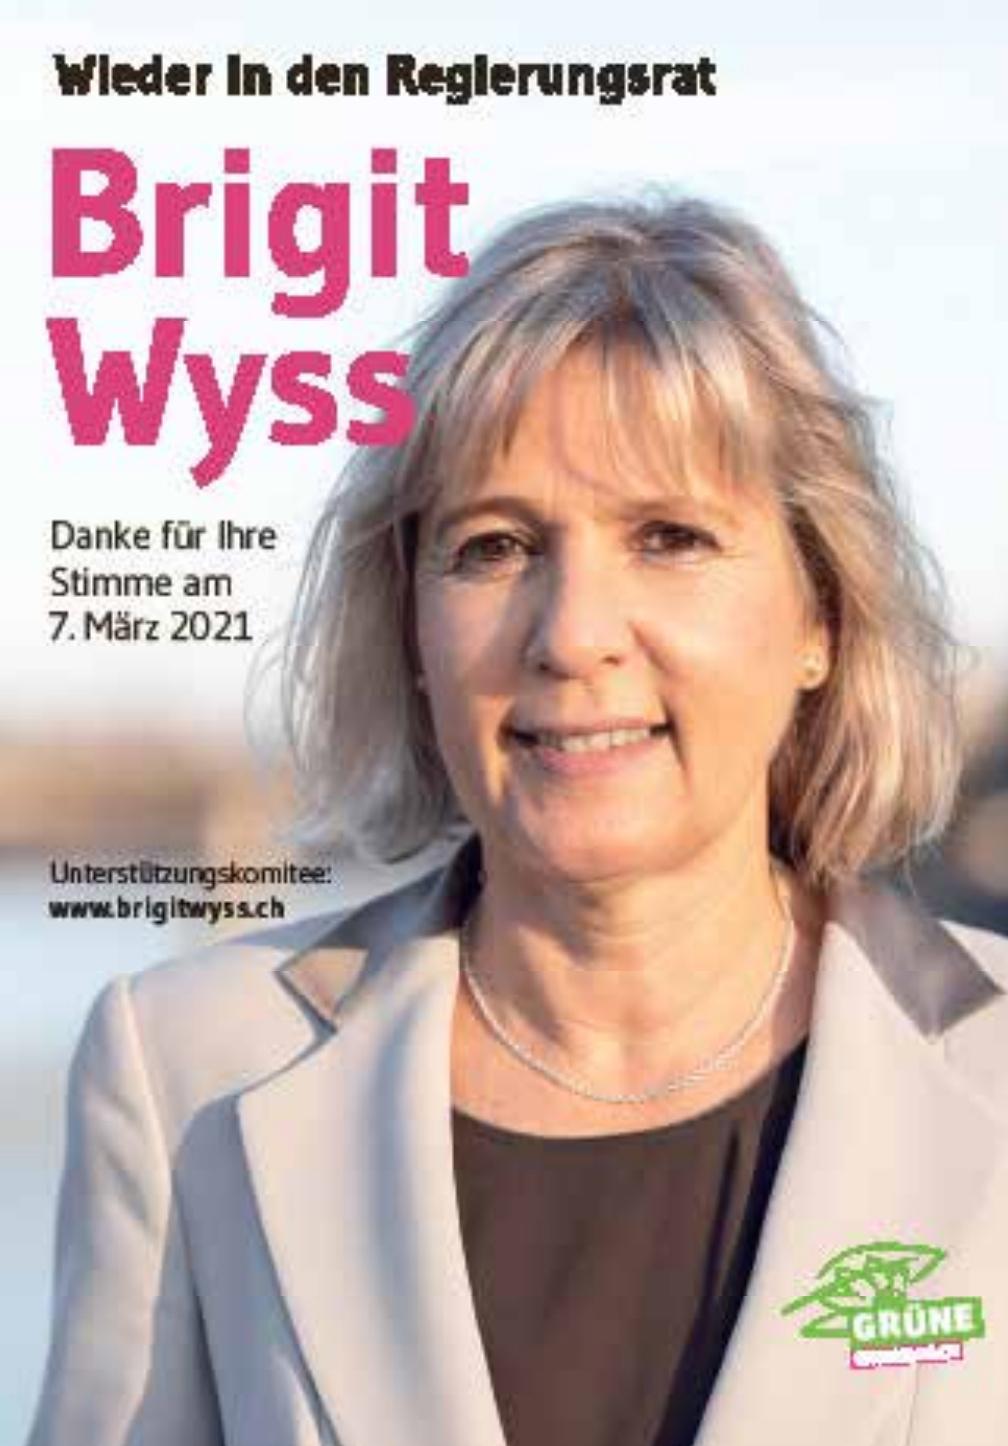 Brigit Wyss